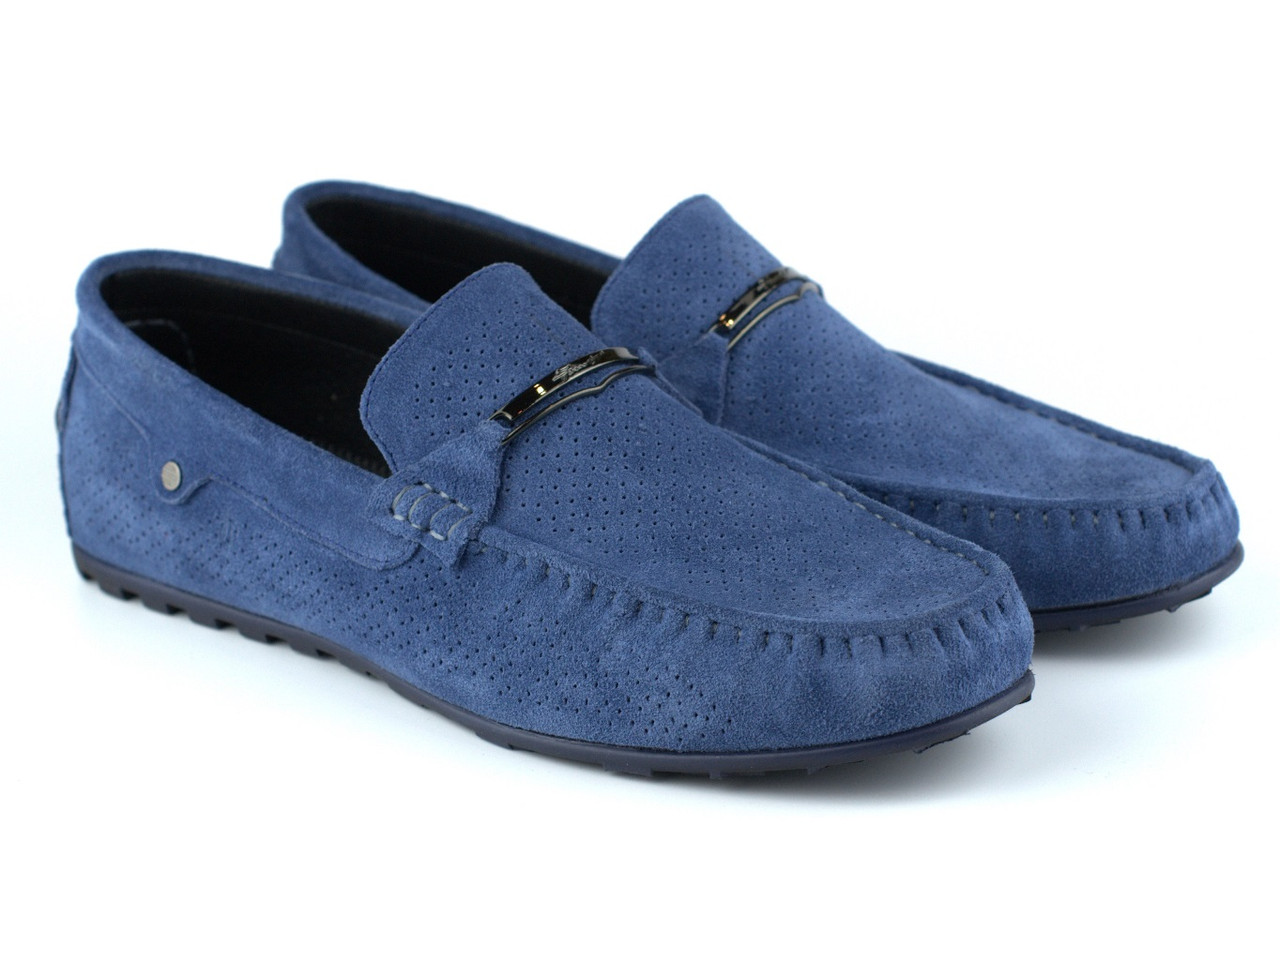 Светло-синие мокасины замшевые перфорация летняя мужская обувь Rosso Avangard ETHEREAL Sky Blu Vel